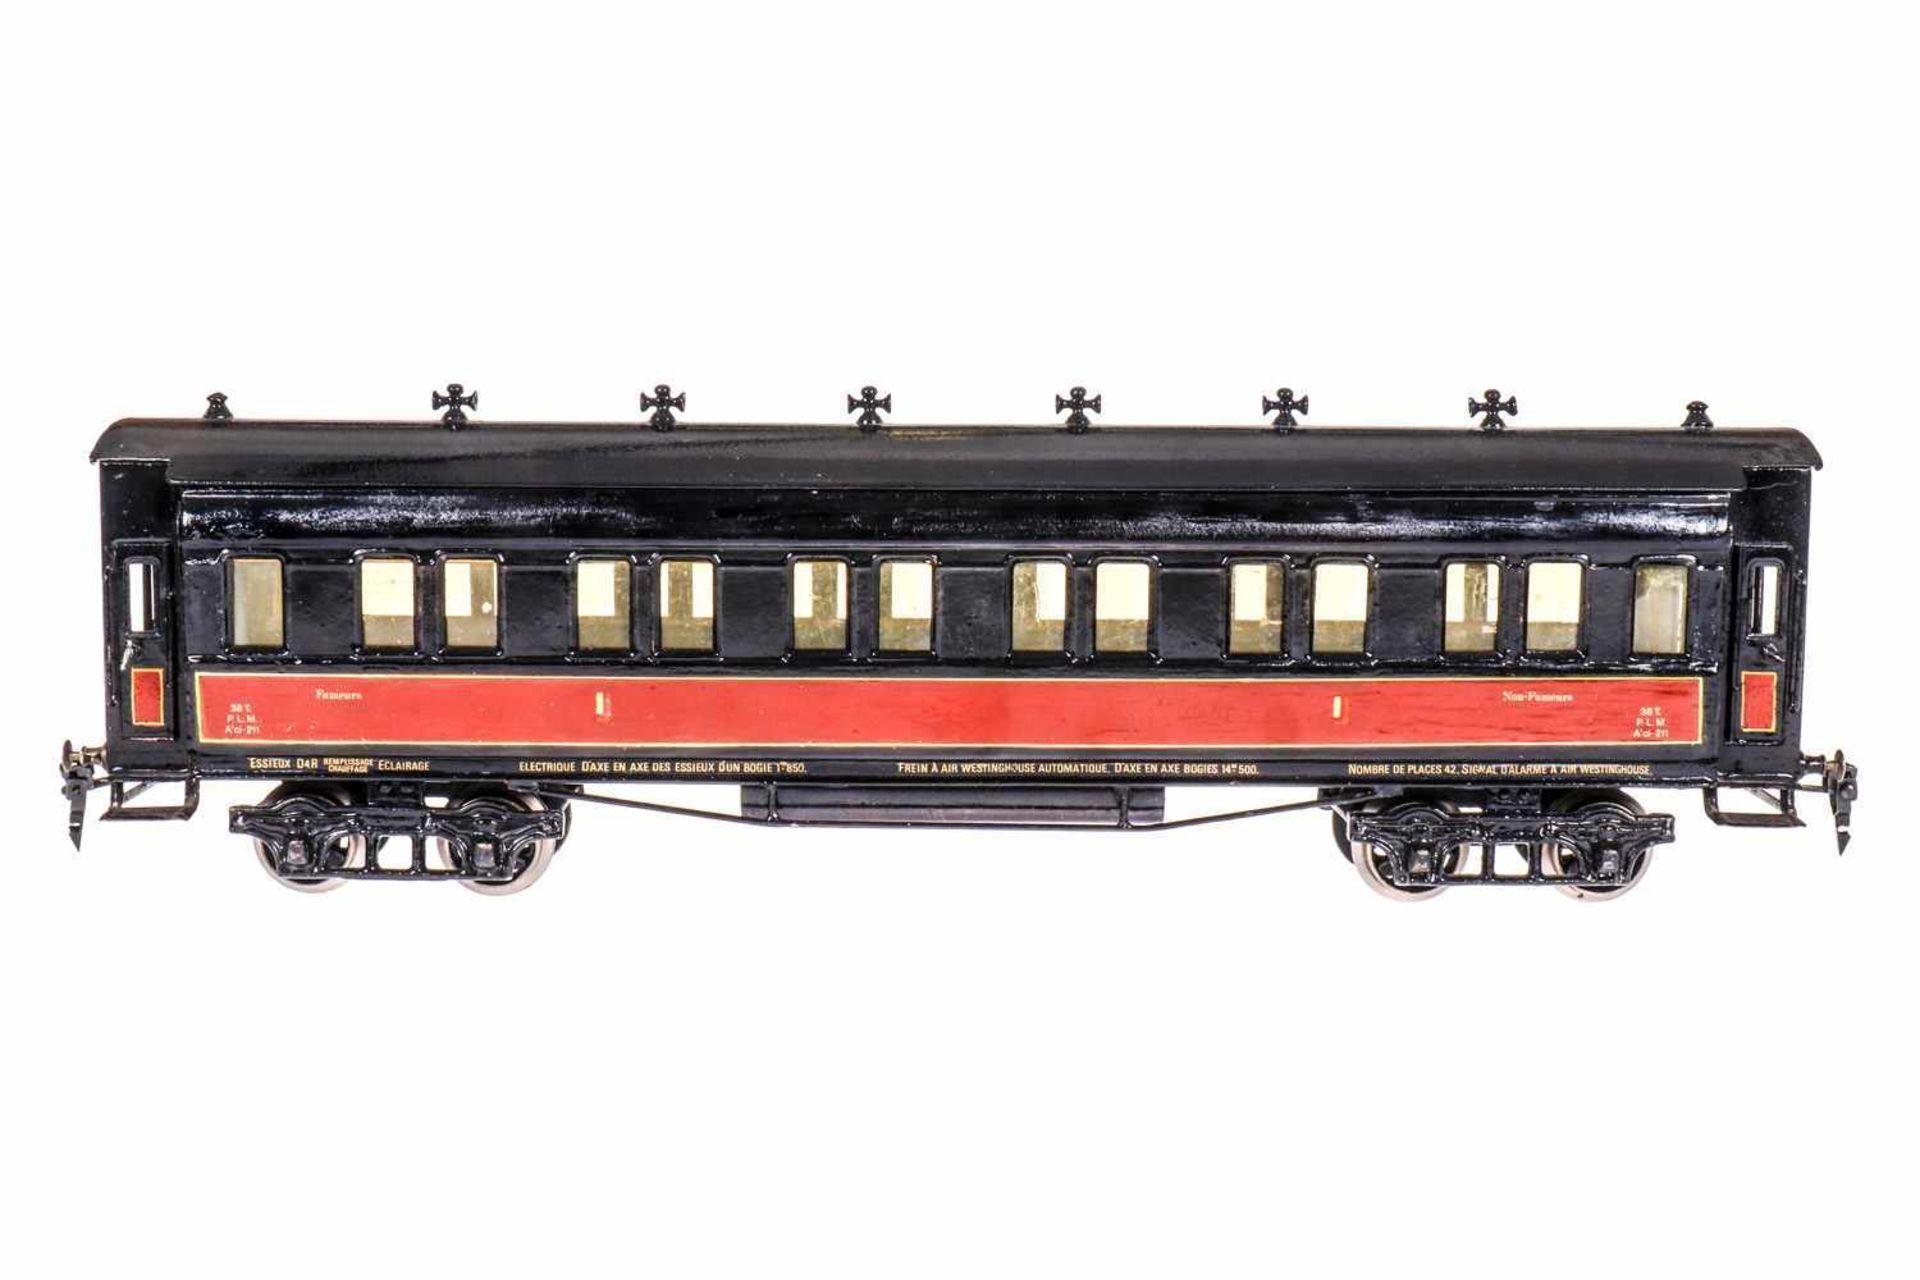 Märklin französischer PLM-Personenwagen 1945, S 1, 2. Klasse, rot/schwarz, farblich rest. L 53